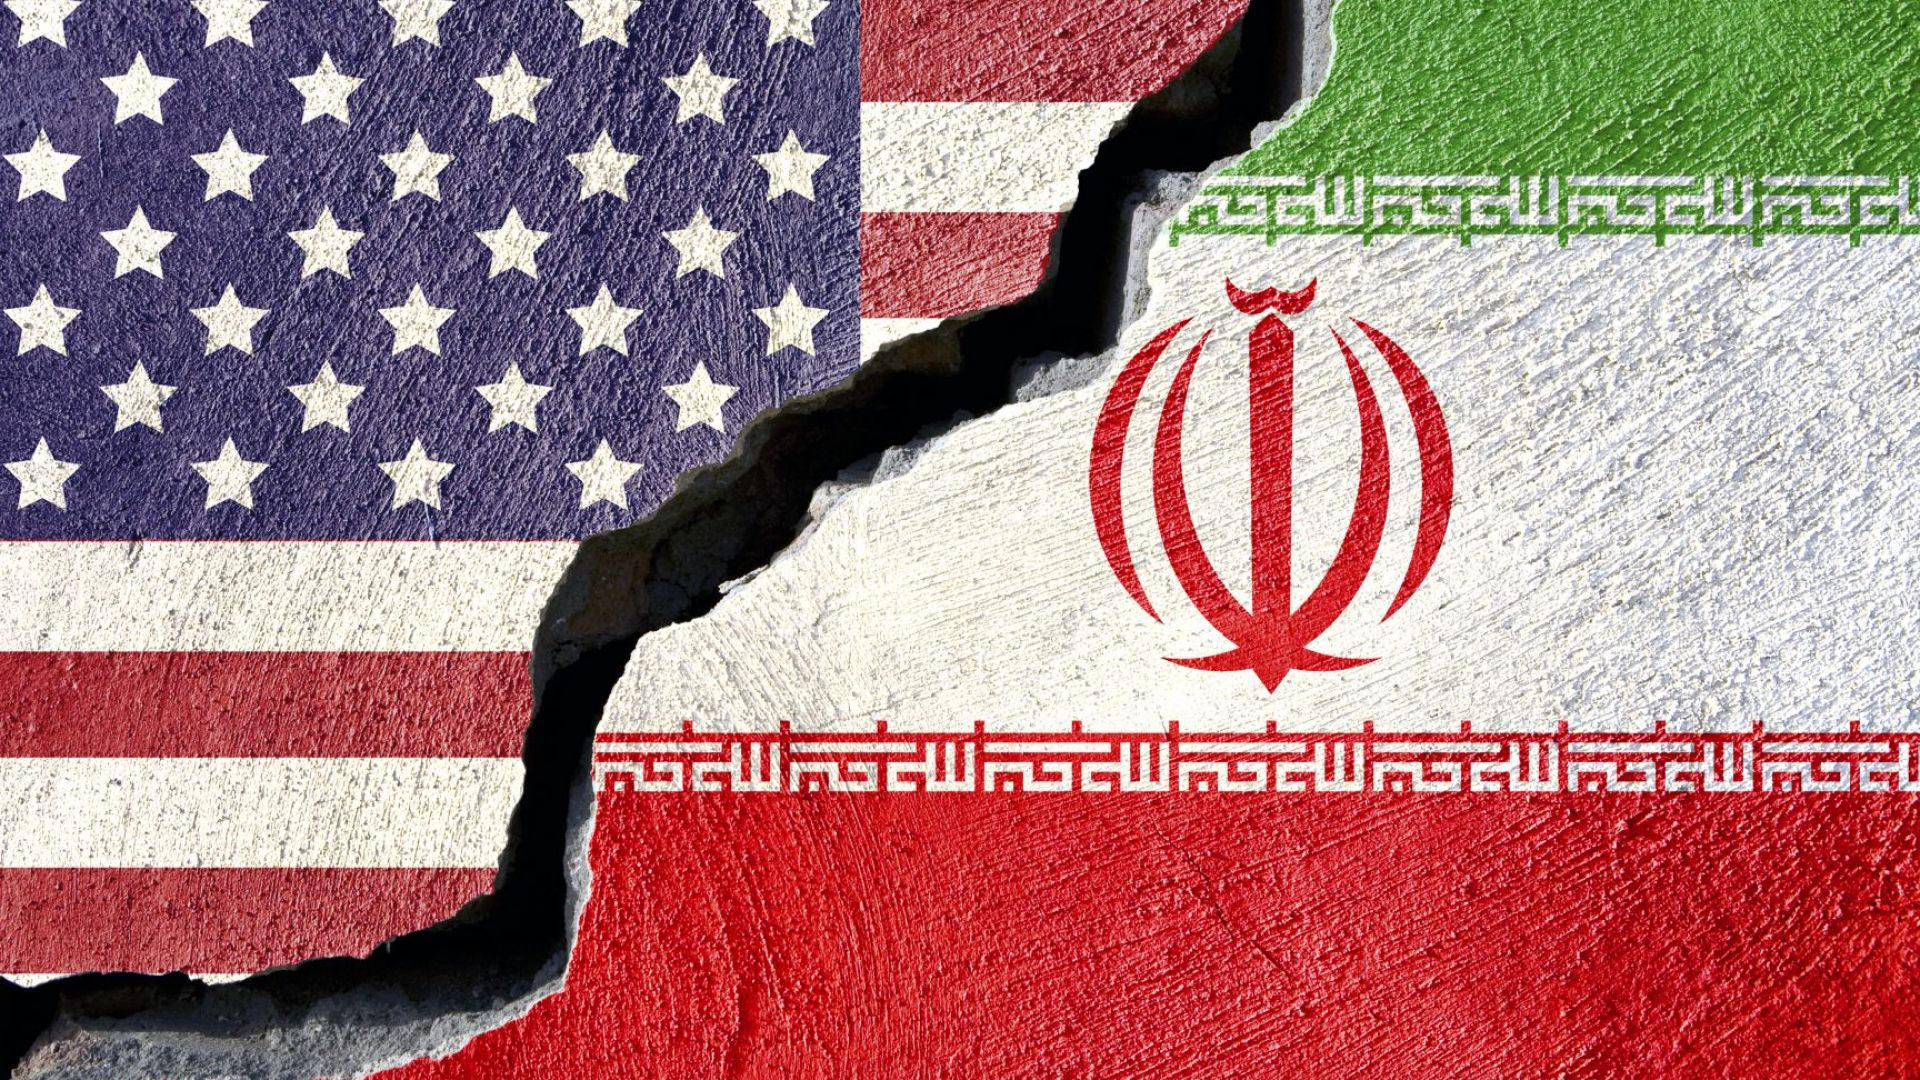 САЩ обвиниха Иран в ядрен шантаж